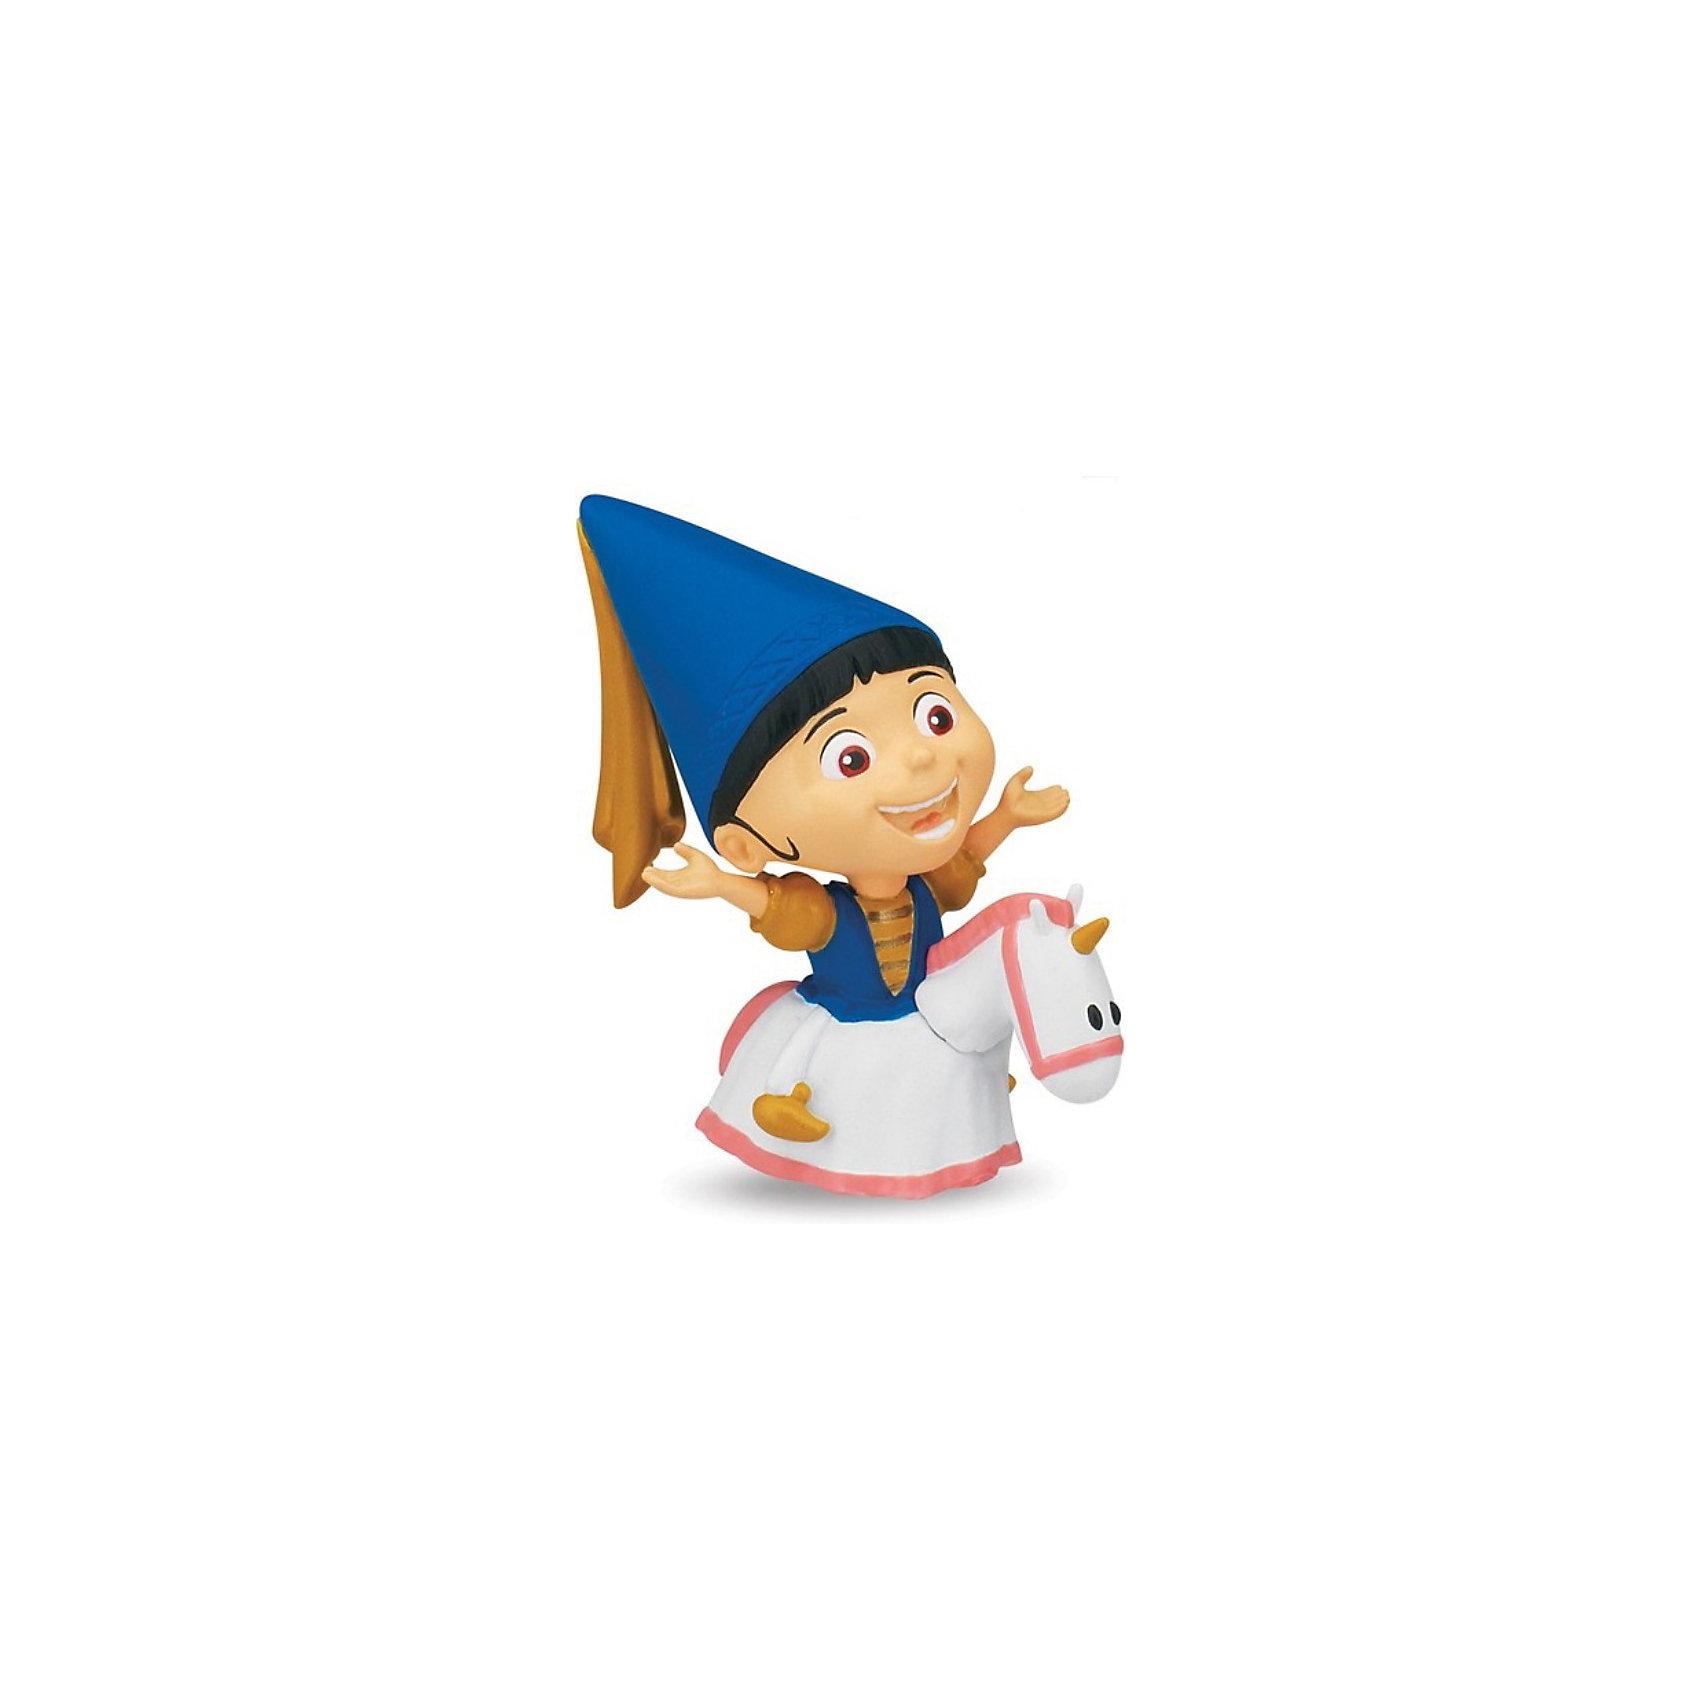 Принцесса Агнес,  Гадкий ЯИгрушки<br>Фигурка Принцессы Агнес, Гадкий Я создана по мотивам популярного мультфильма Гадкий Я (Despicable Me) и придется по душе всем его поклонникам. Маленькая девочка Агнес - одна из героинь мультфильма, приемная дочь злодея Грю, создавшего армию миньонов. Она очень любит единорогов, особенно больших и пушистых. В наборе Агнес представлена в образе принцессы верхом на своем любимом единороге. У фигурки подвижные руки.<br><br>Дополнительная информация:<br><br>- Материал: пластик.<br>- Высота фигурка: 5 см.<br>- Размер упаковки: 10 х 5 х 19 см.<br>- Вес: 100 гр.<br><br>Принцессу Агнес, Гадкий Я можно купить в нашем интернет-магазине.<br><br>Ширина мм: 100<br>Глубина мм: 50<br>Высота мм: 190<br>Вес г: 100<br>Возраст от месяцев: 36<br>Возраст до месяцев: 84<br>Пол: Женский<br>Возраст: Детский<br>SKU: 3893468